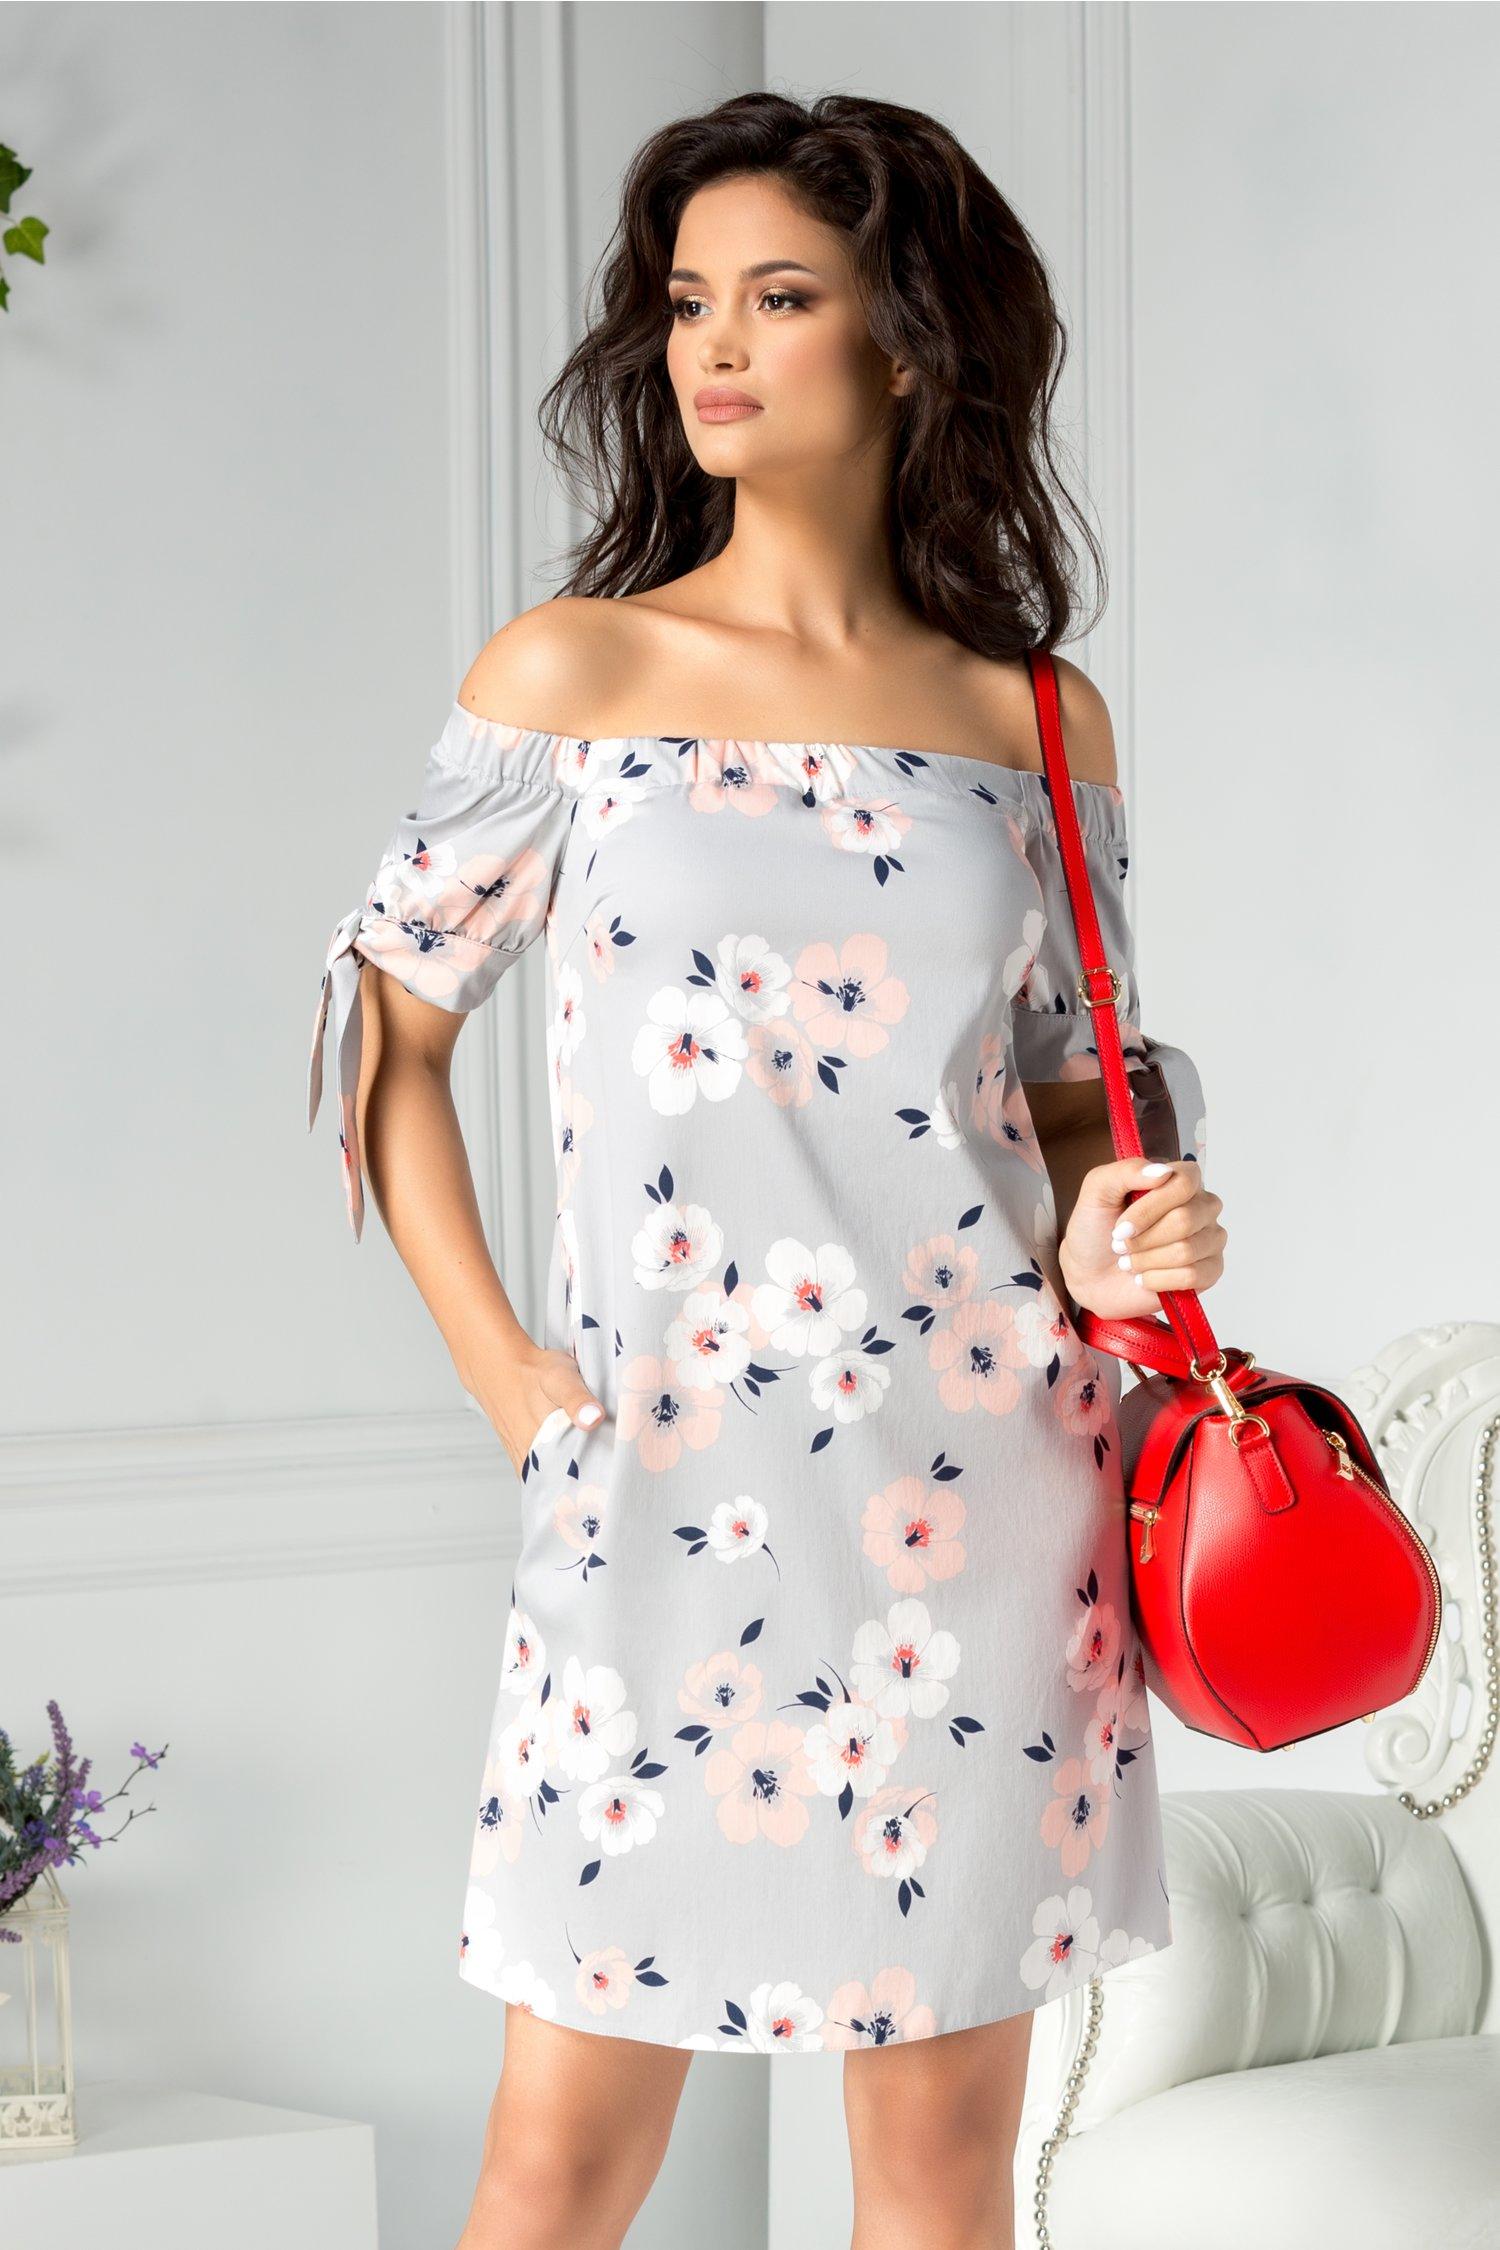 Rochie Ladonna Zaria gri cu flori alb roz